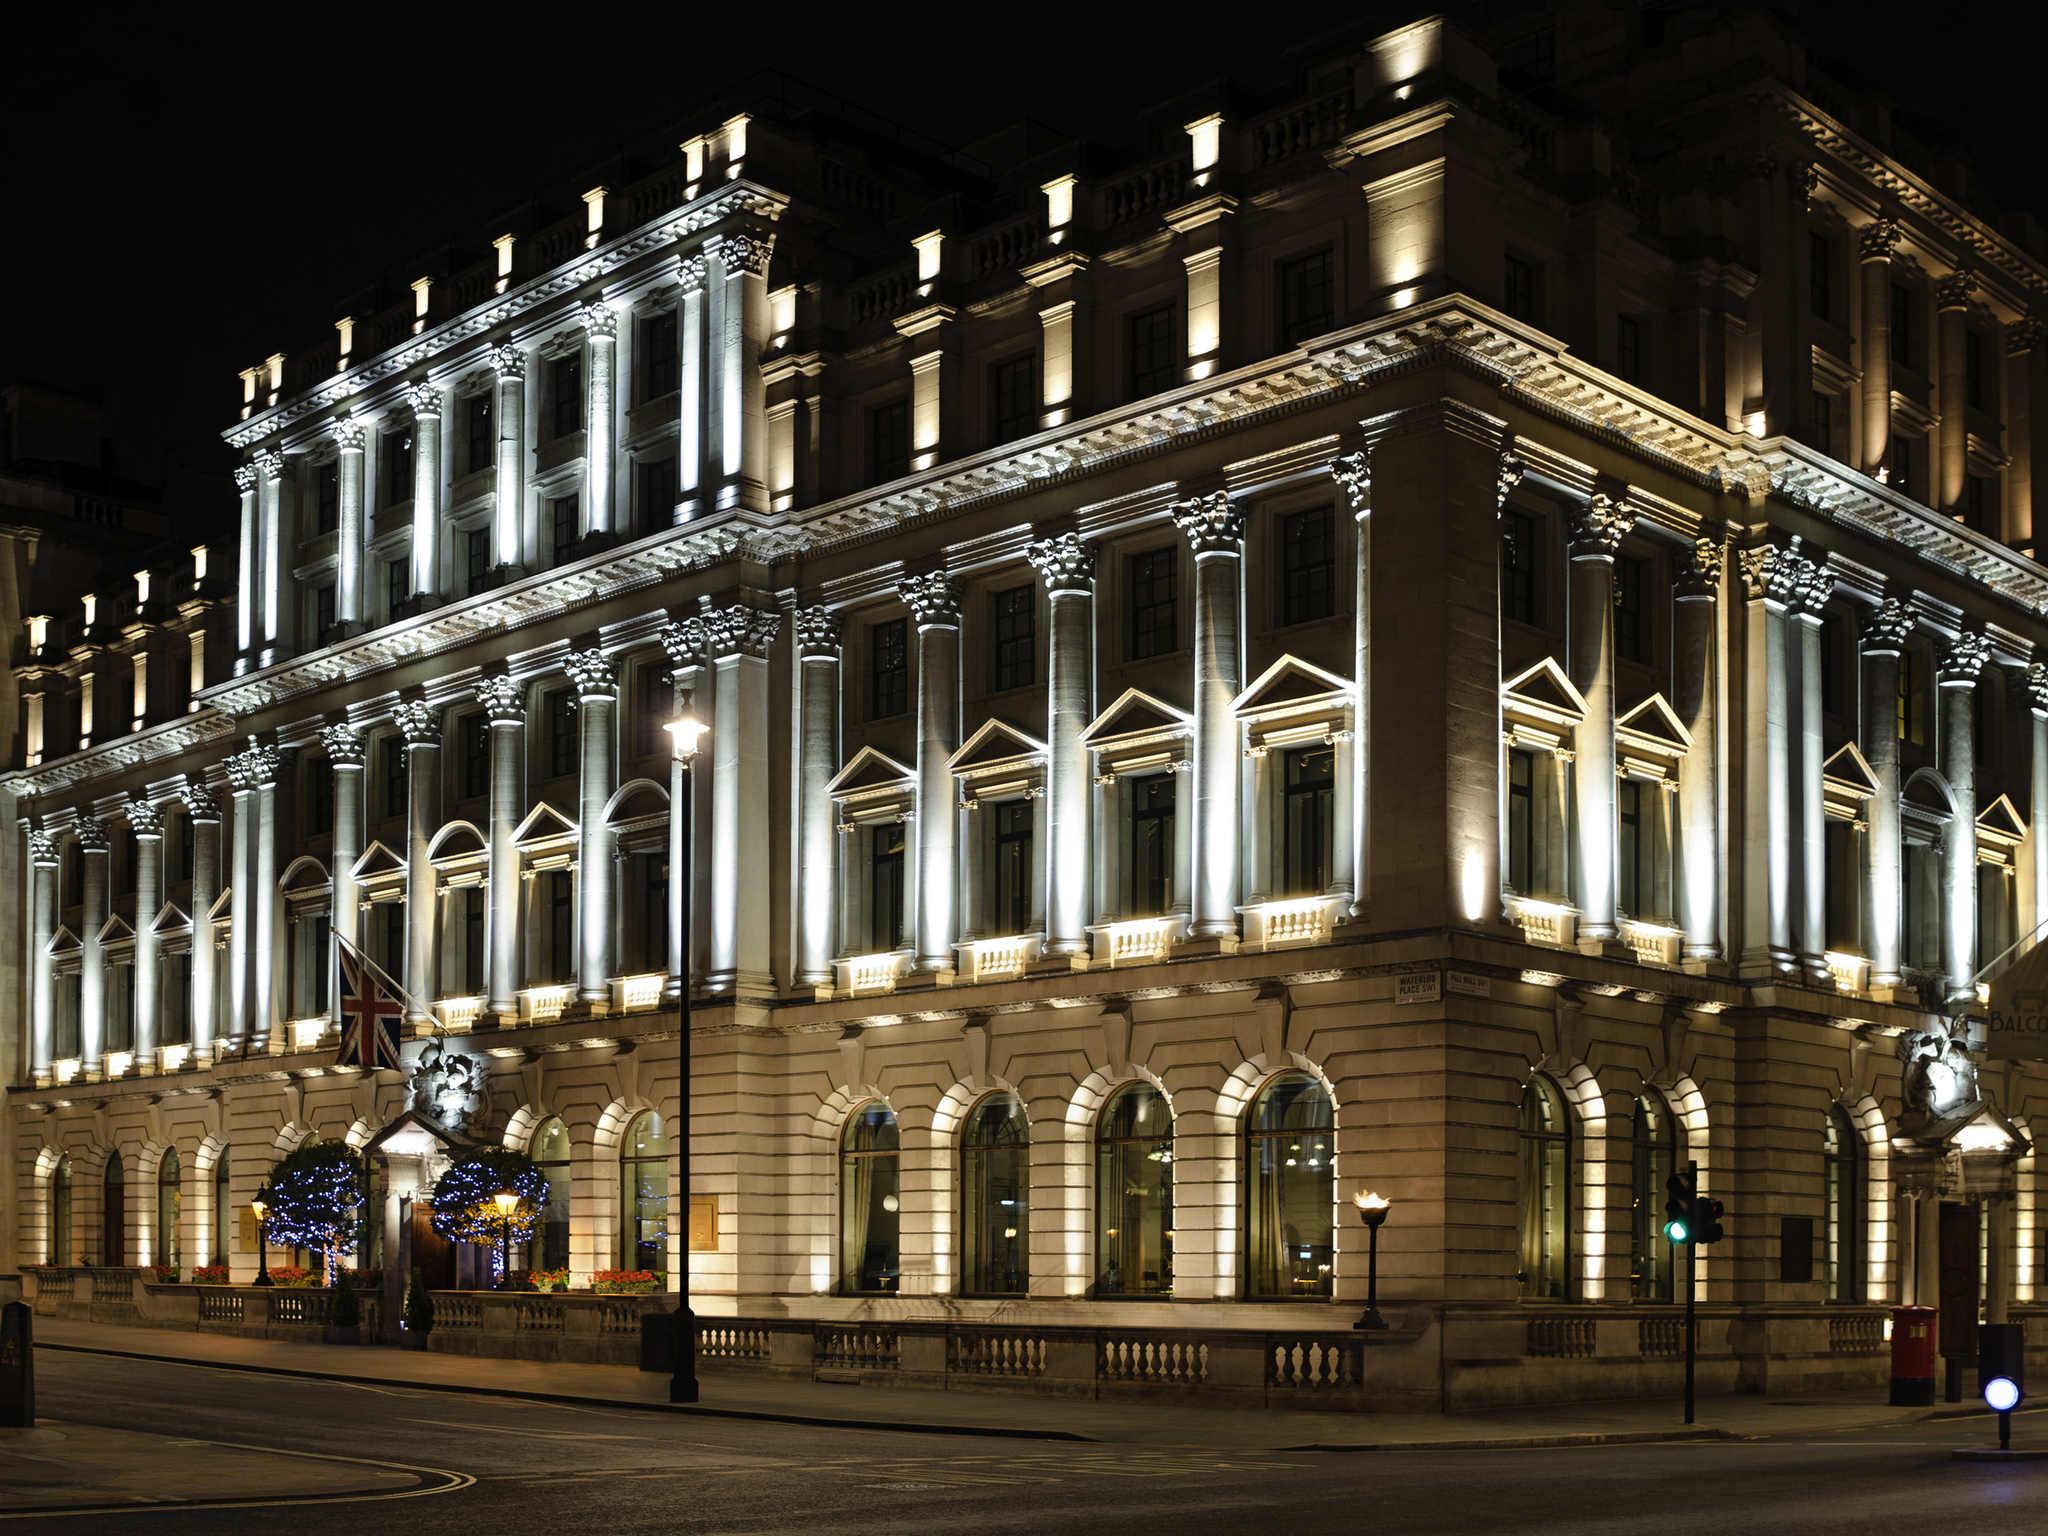 โรงแรม – โซฟิเทล ลอนดอน เซนต์ เจมส์